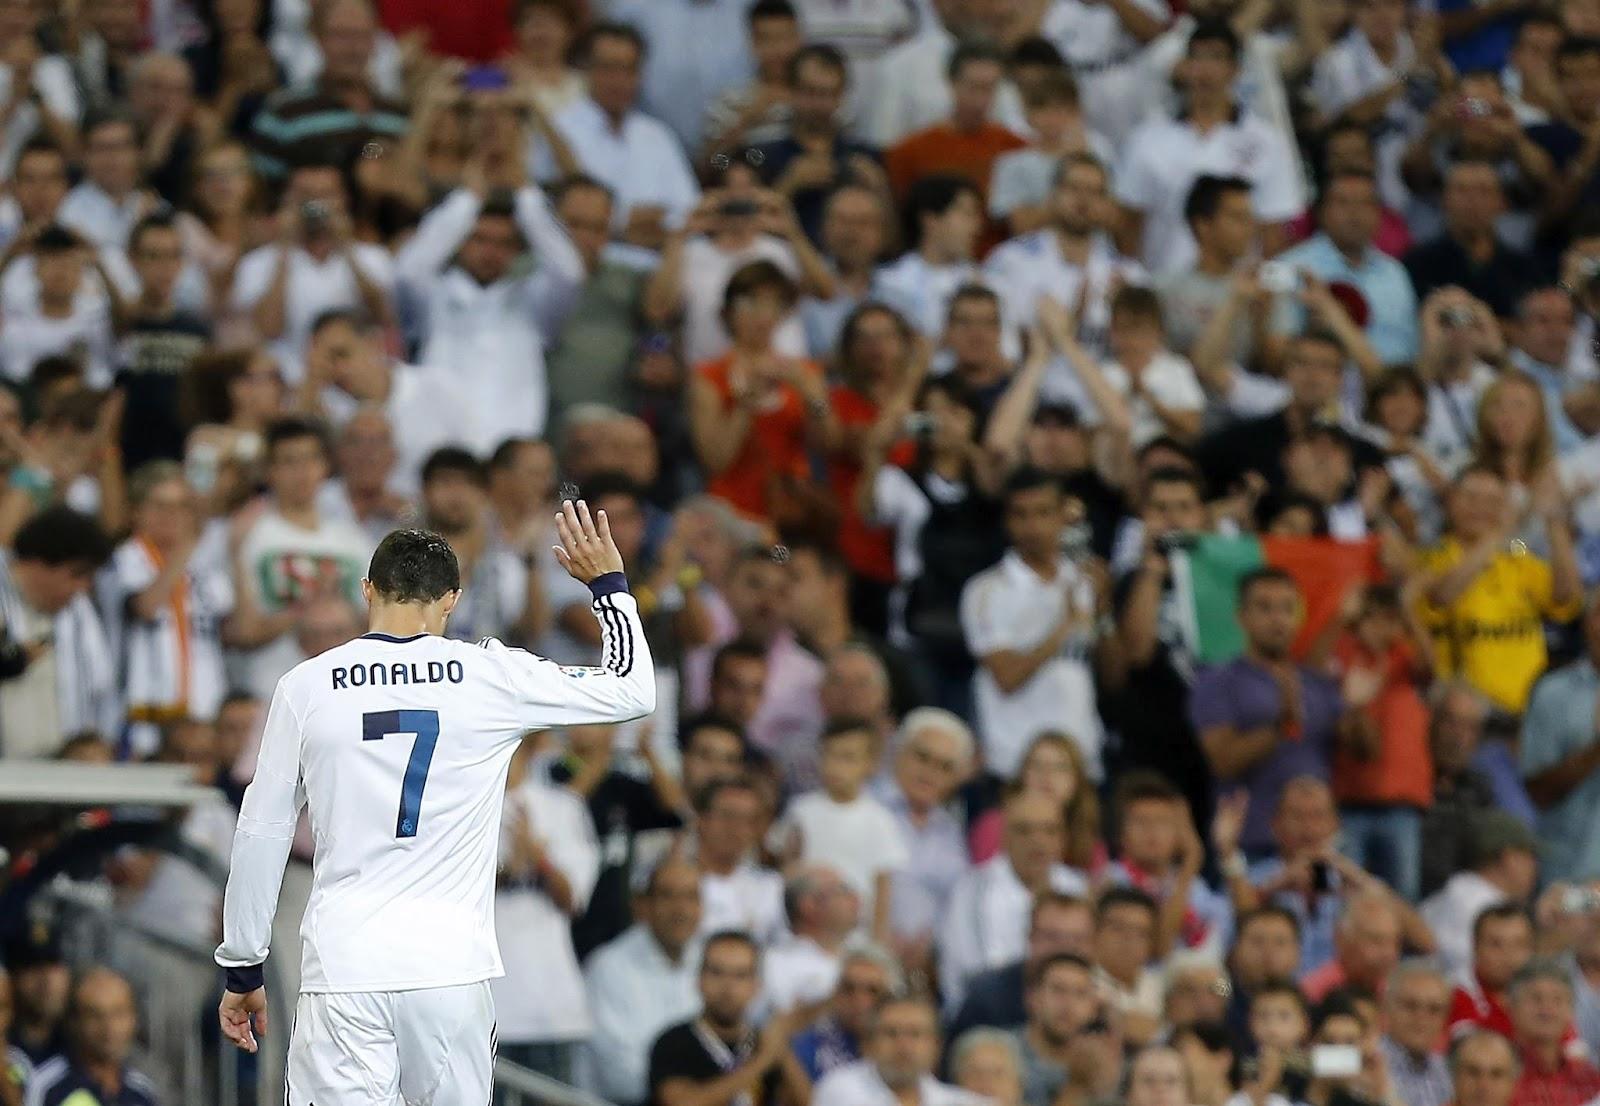 http://3.bp.blogspot.com/-TCGSf0AuEZo/UEUCs0RFccI/AAAAAAAABAA/PkaOBvP90EY/s1600/Cristiano+Ronaldo+says+that+he+is+\'sad\'+at+Real+Madrid.jpg